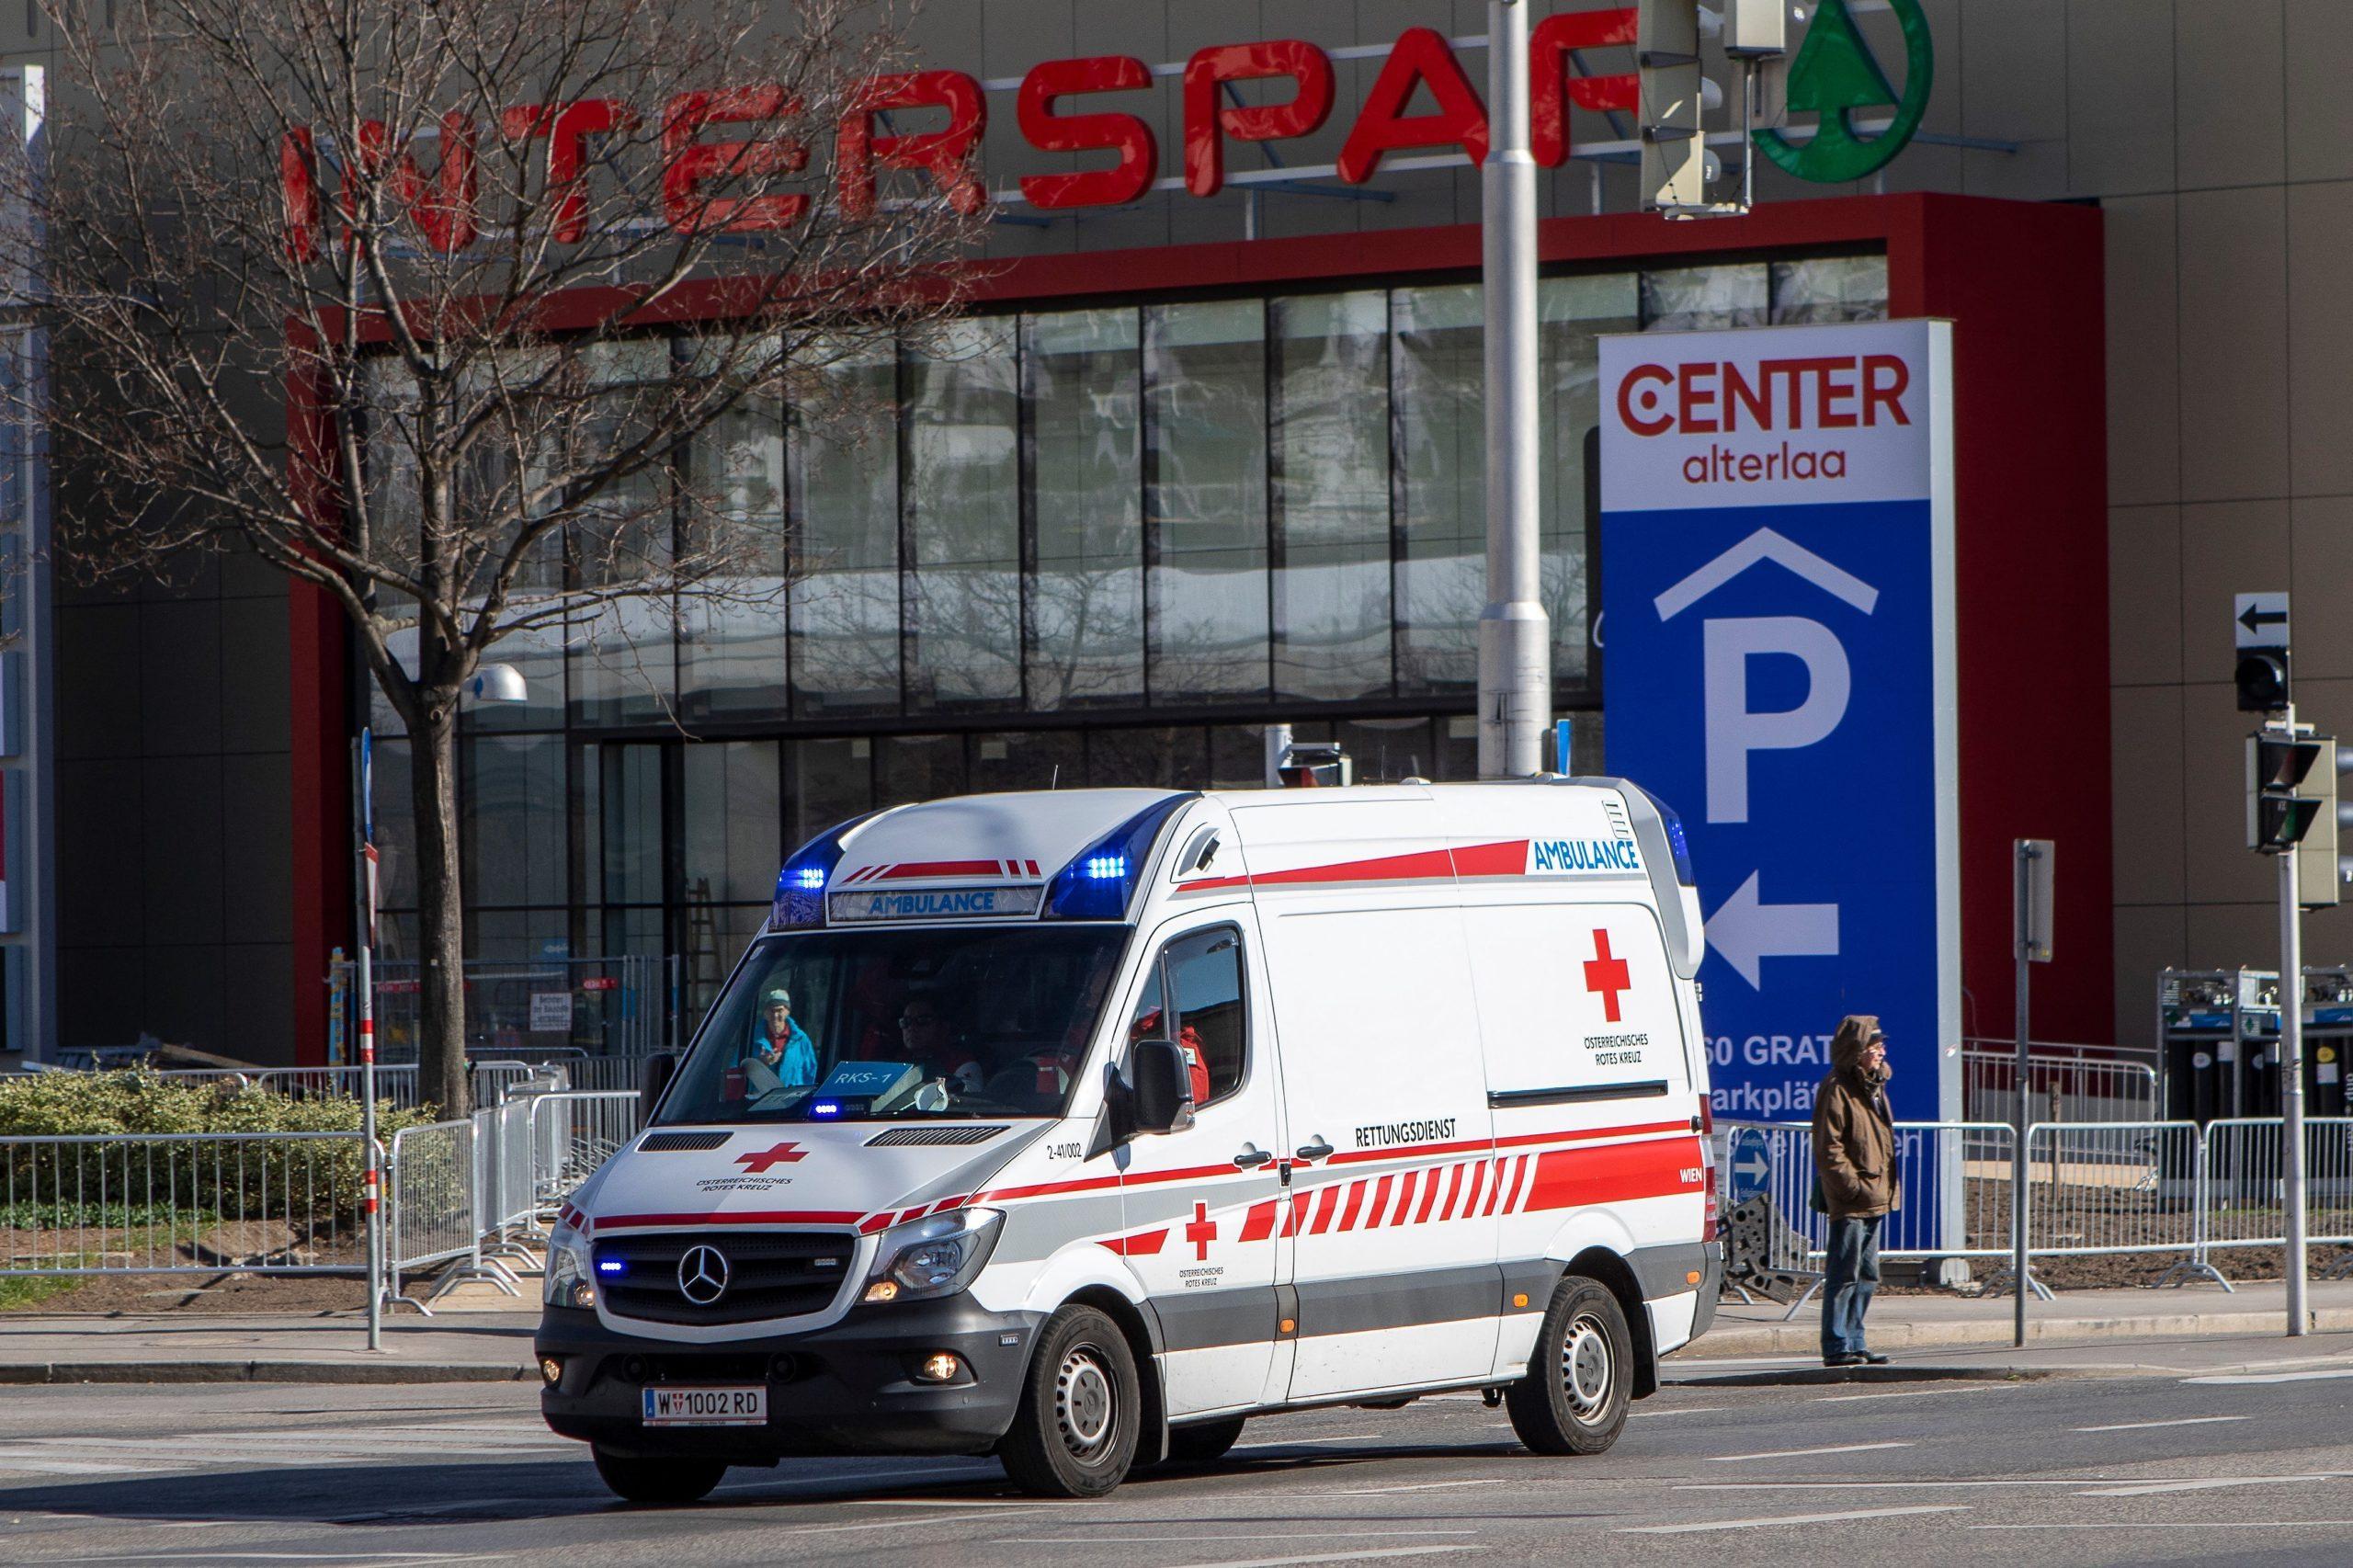 Egy osztrák mentőautóból ugrott ki a 21 éves fertőzött migráns